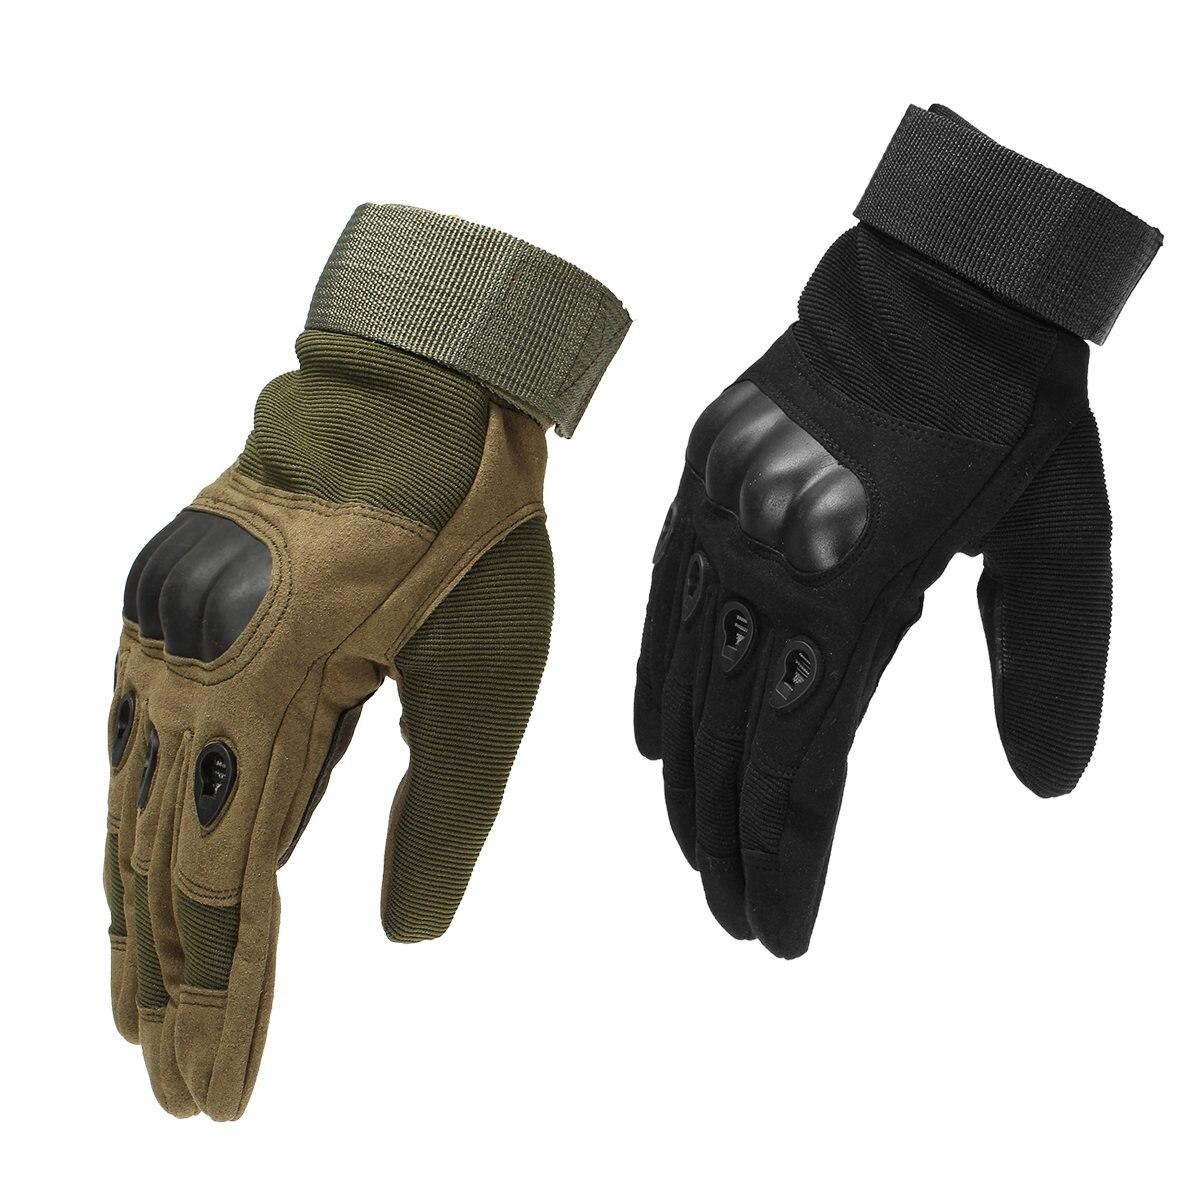 NEUE Safurance Taktische Handschuhe Winter Herbst Volle Finger Outdoor Radfahren Arbeitssicherheit Handschutz